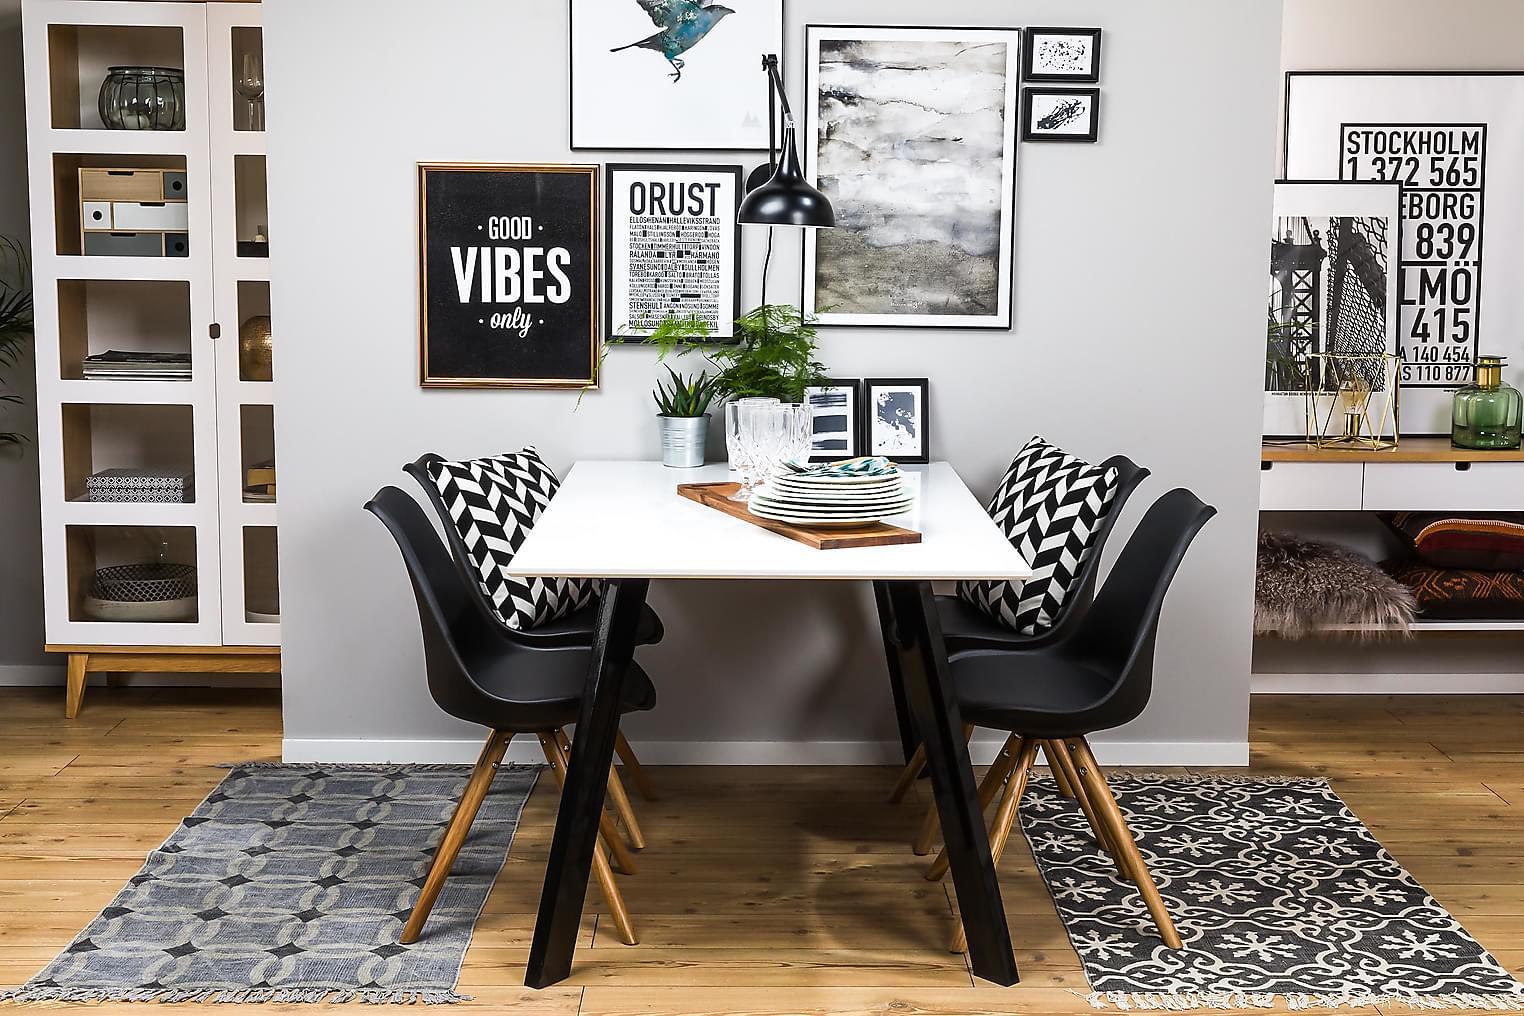 LADY Pöytä 150 Valkoinen/Musta + 4 MARION Tuolia Musta